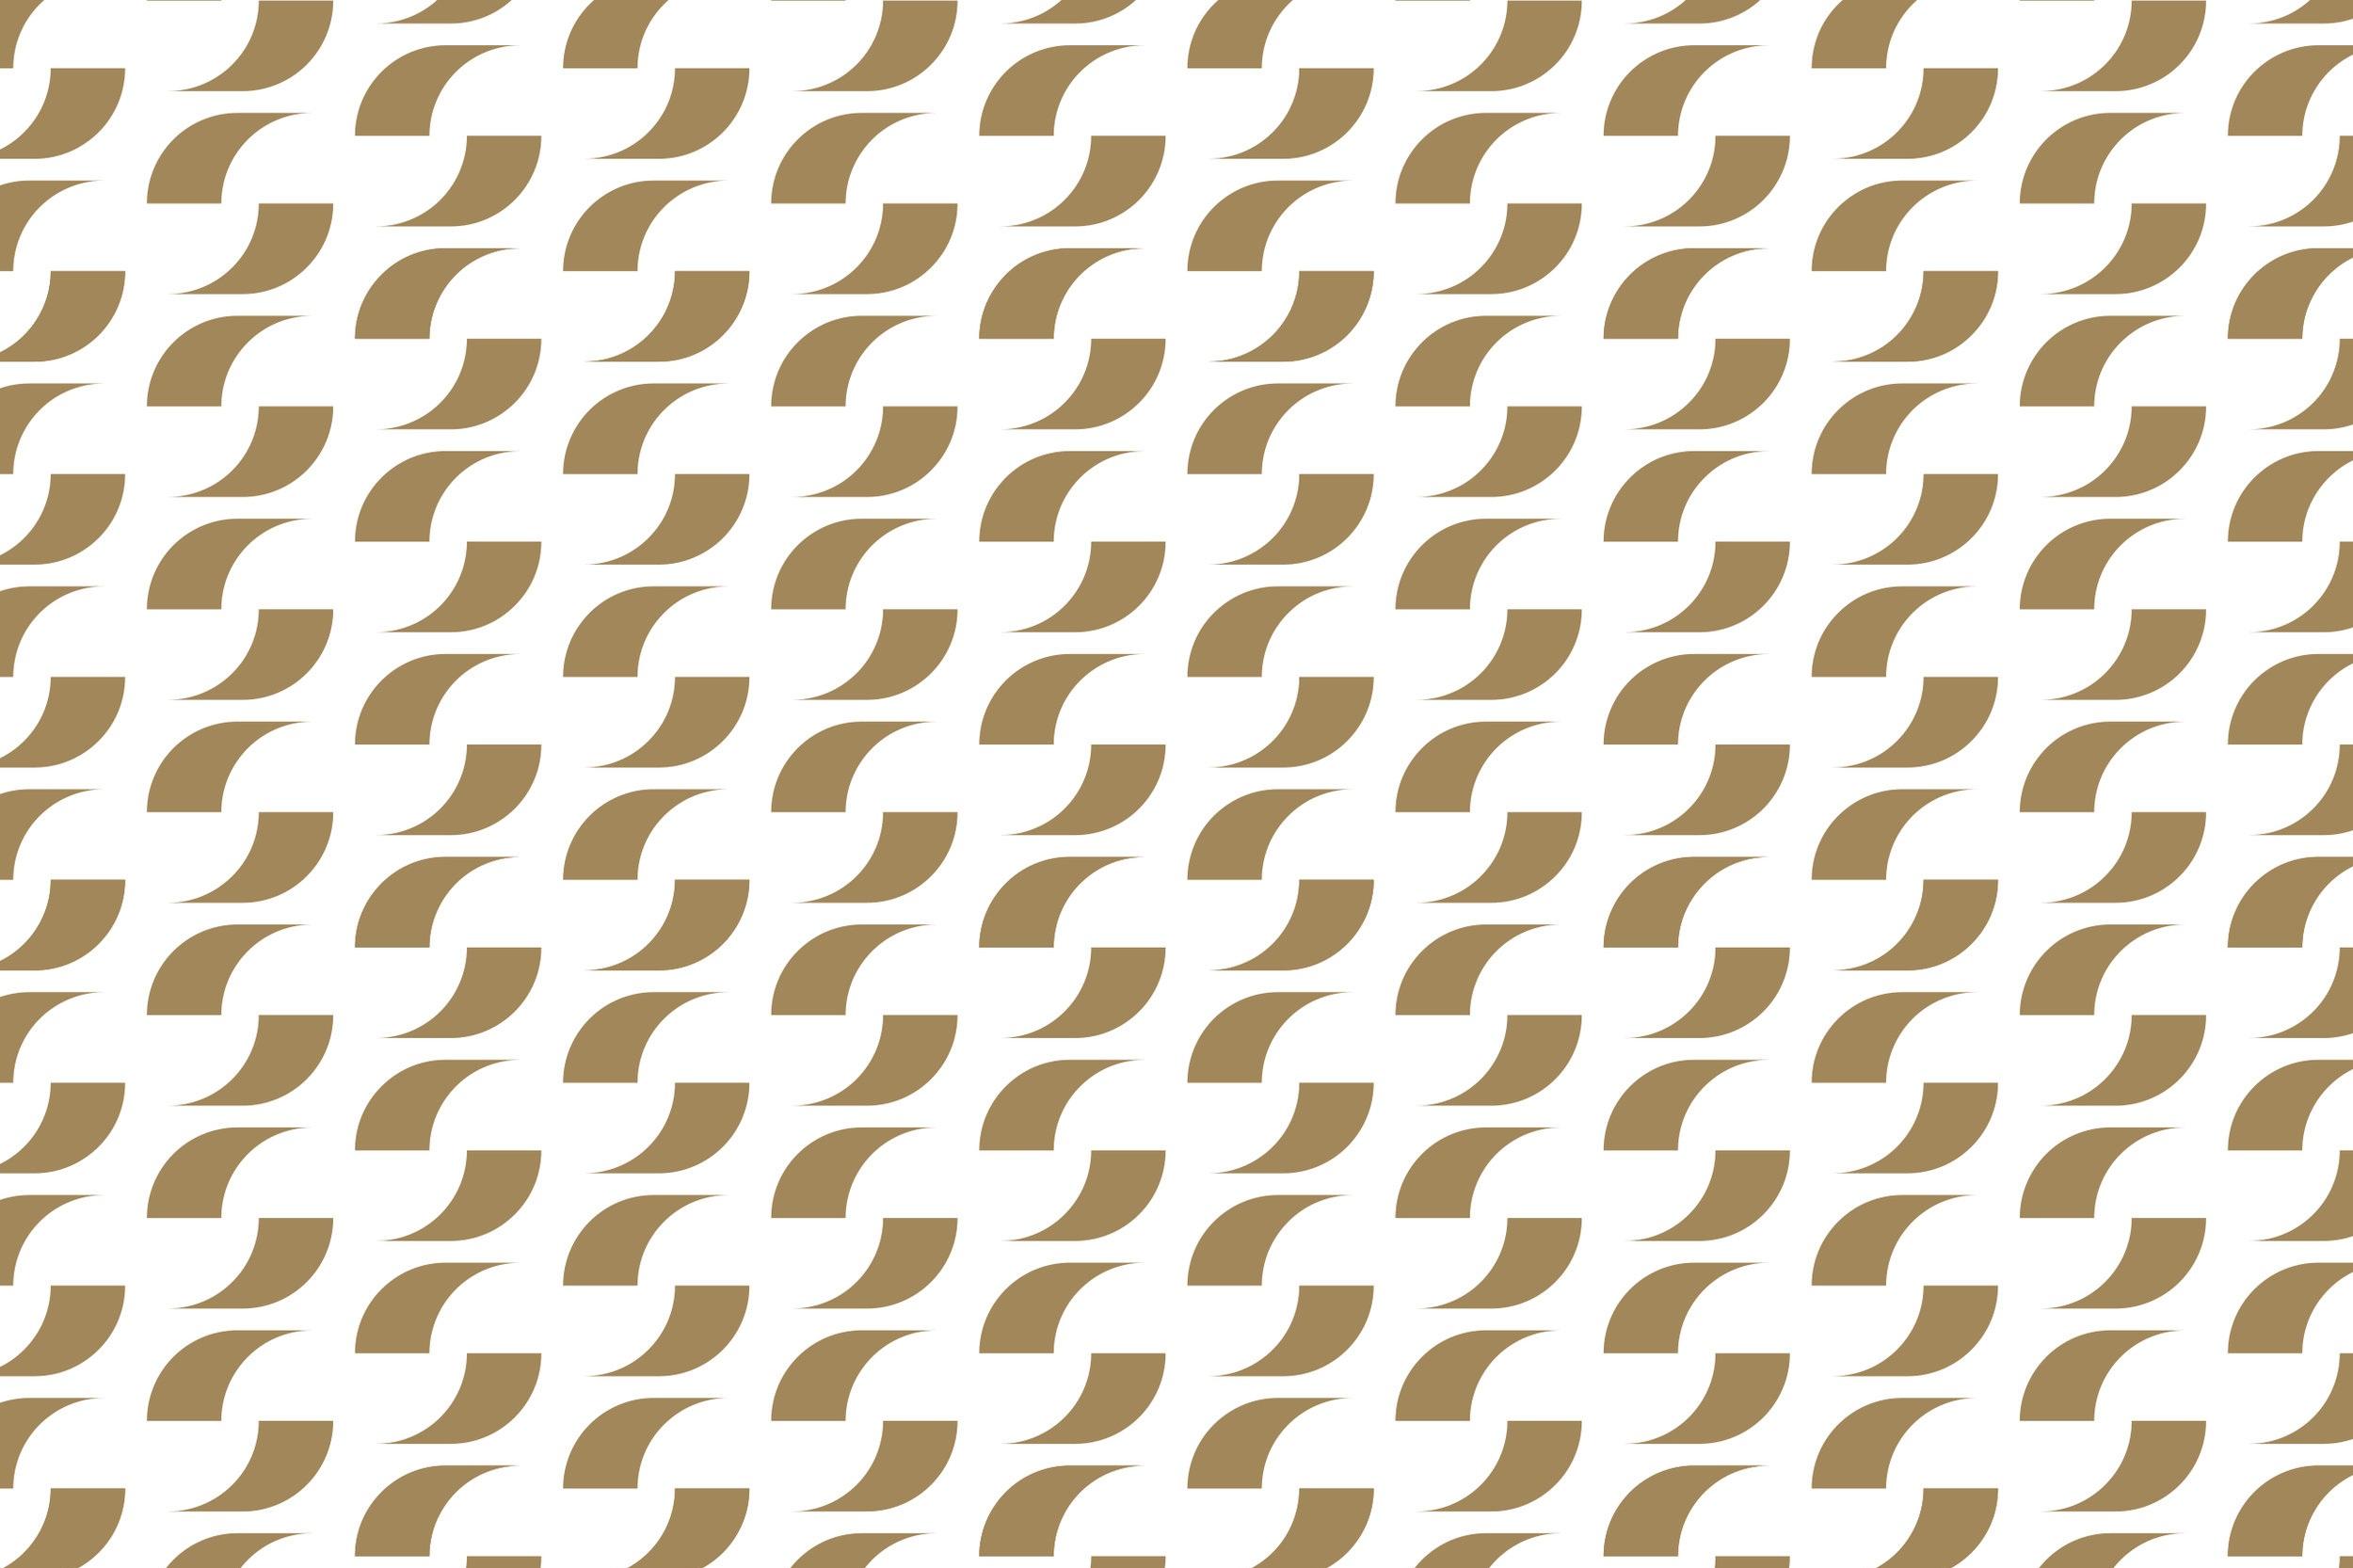 Mønster - Basert på logo-symbolet vart det utvikla eit mønster som kan brukast på ulike flater.